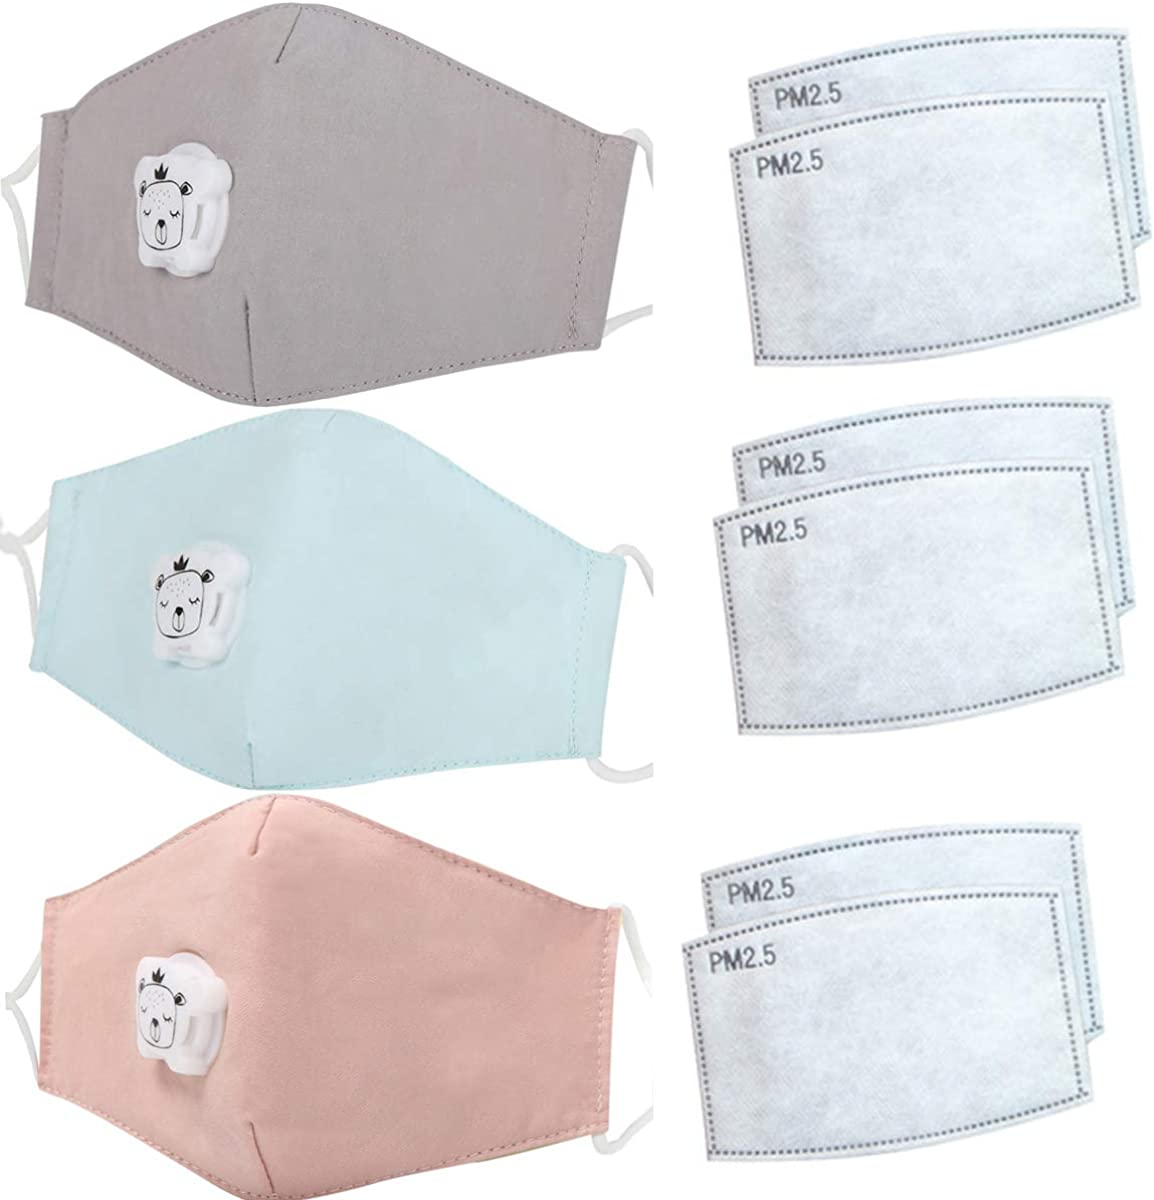 3 máscaras de boca para niños con válvula de respiración + 6 filtros de carbón activado PM2.5 de algodón lavable